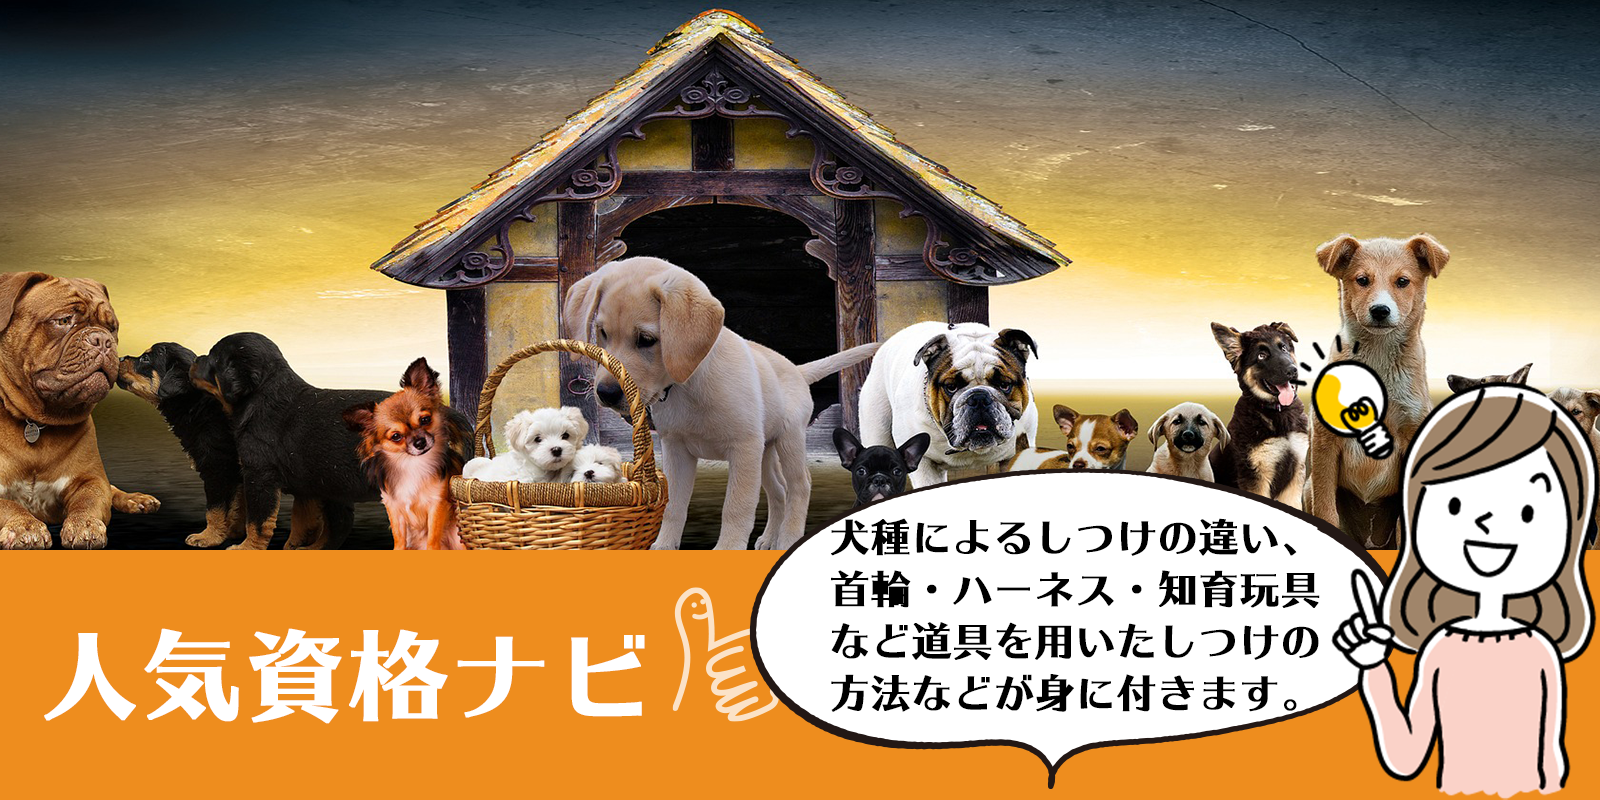 犬のしつけインストラクター資格のアイキャッチ画像